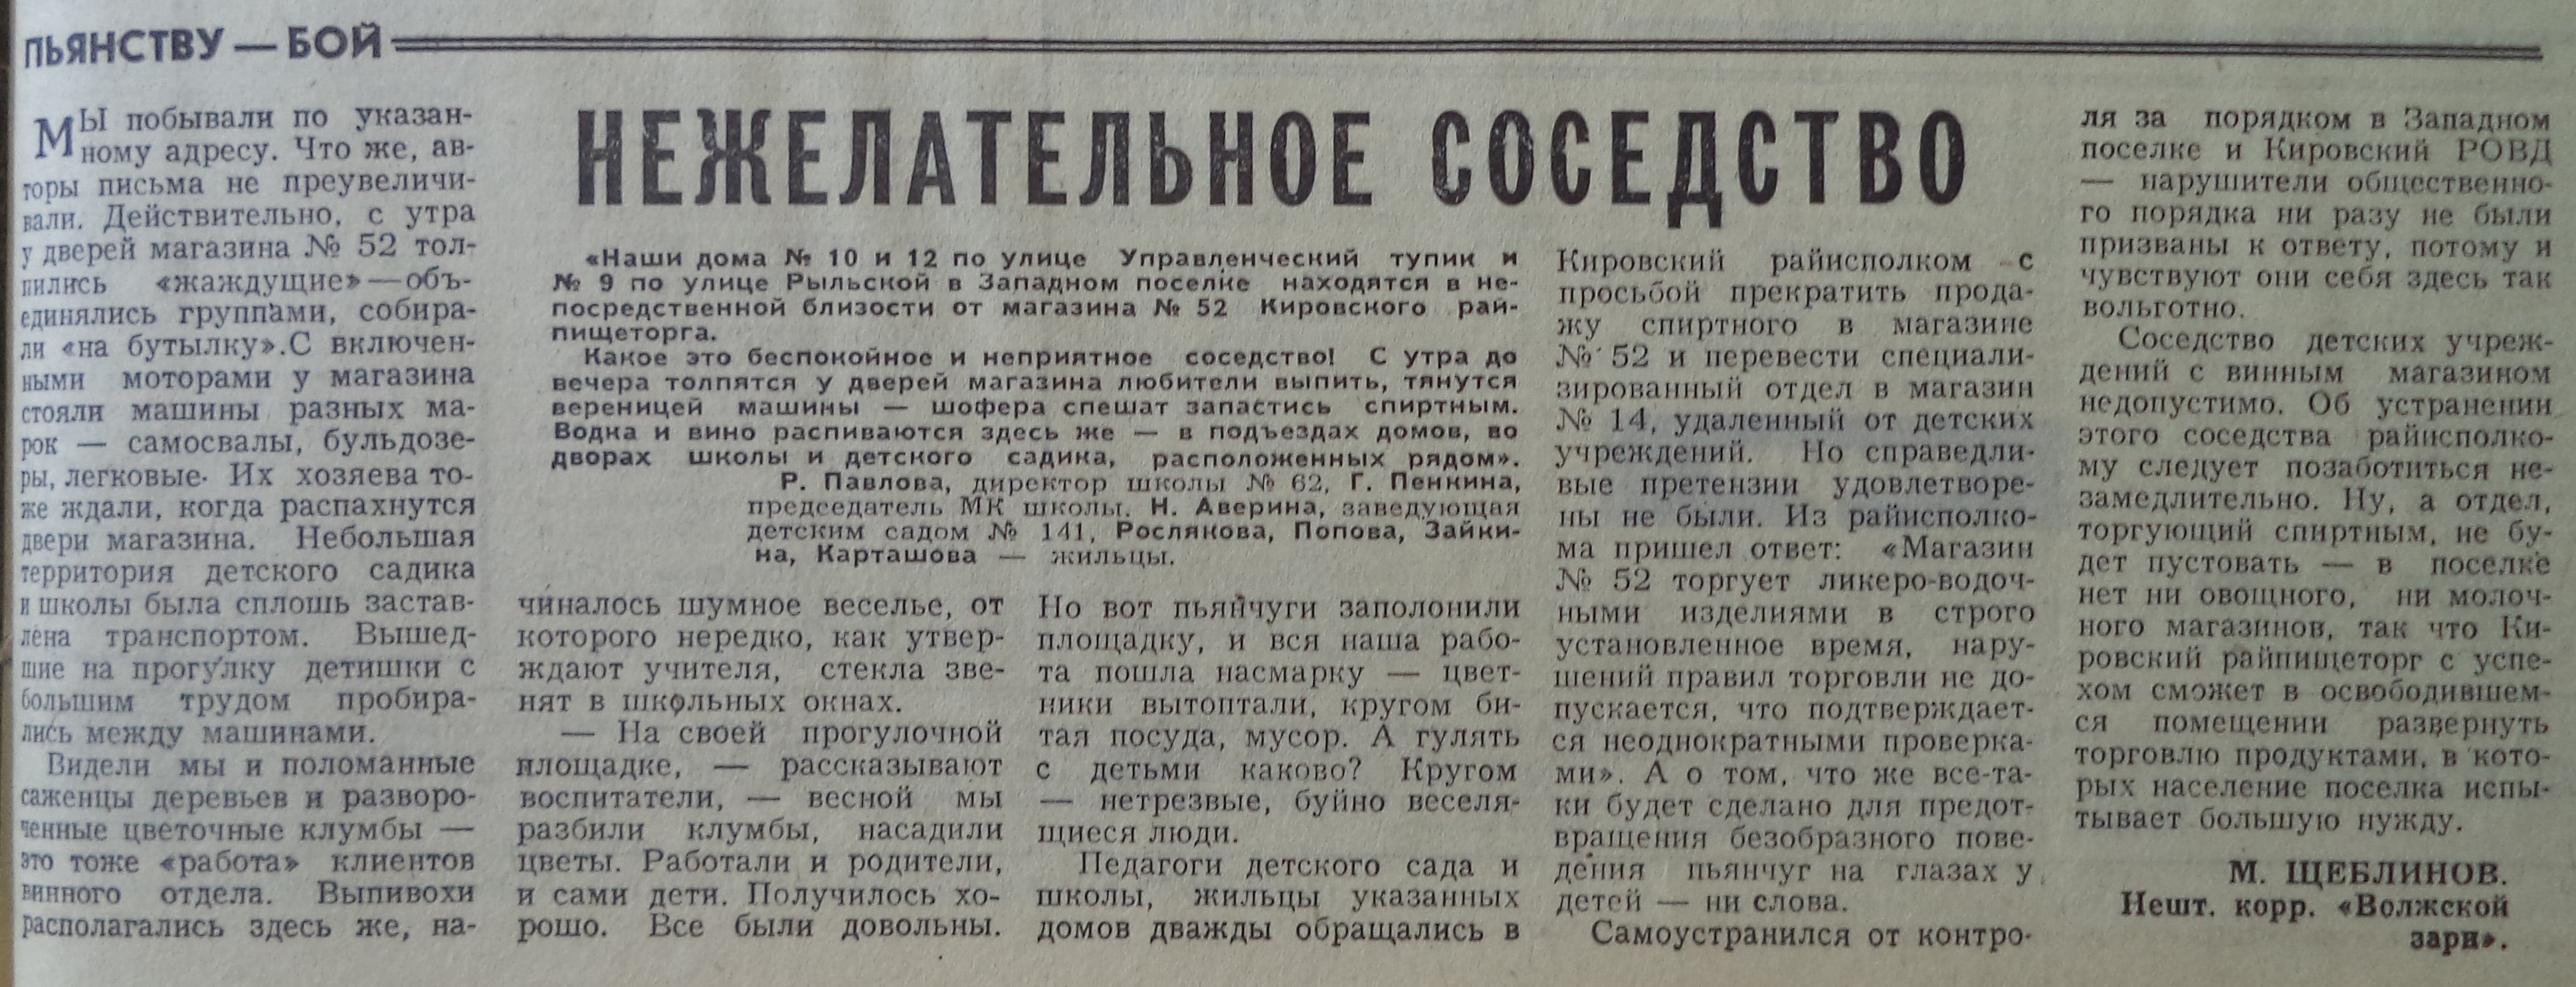 Рыльская-ФОТО-16-ВЗя-1977-12-20-благ-во в р-не Рыльской